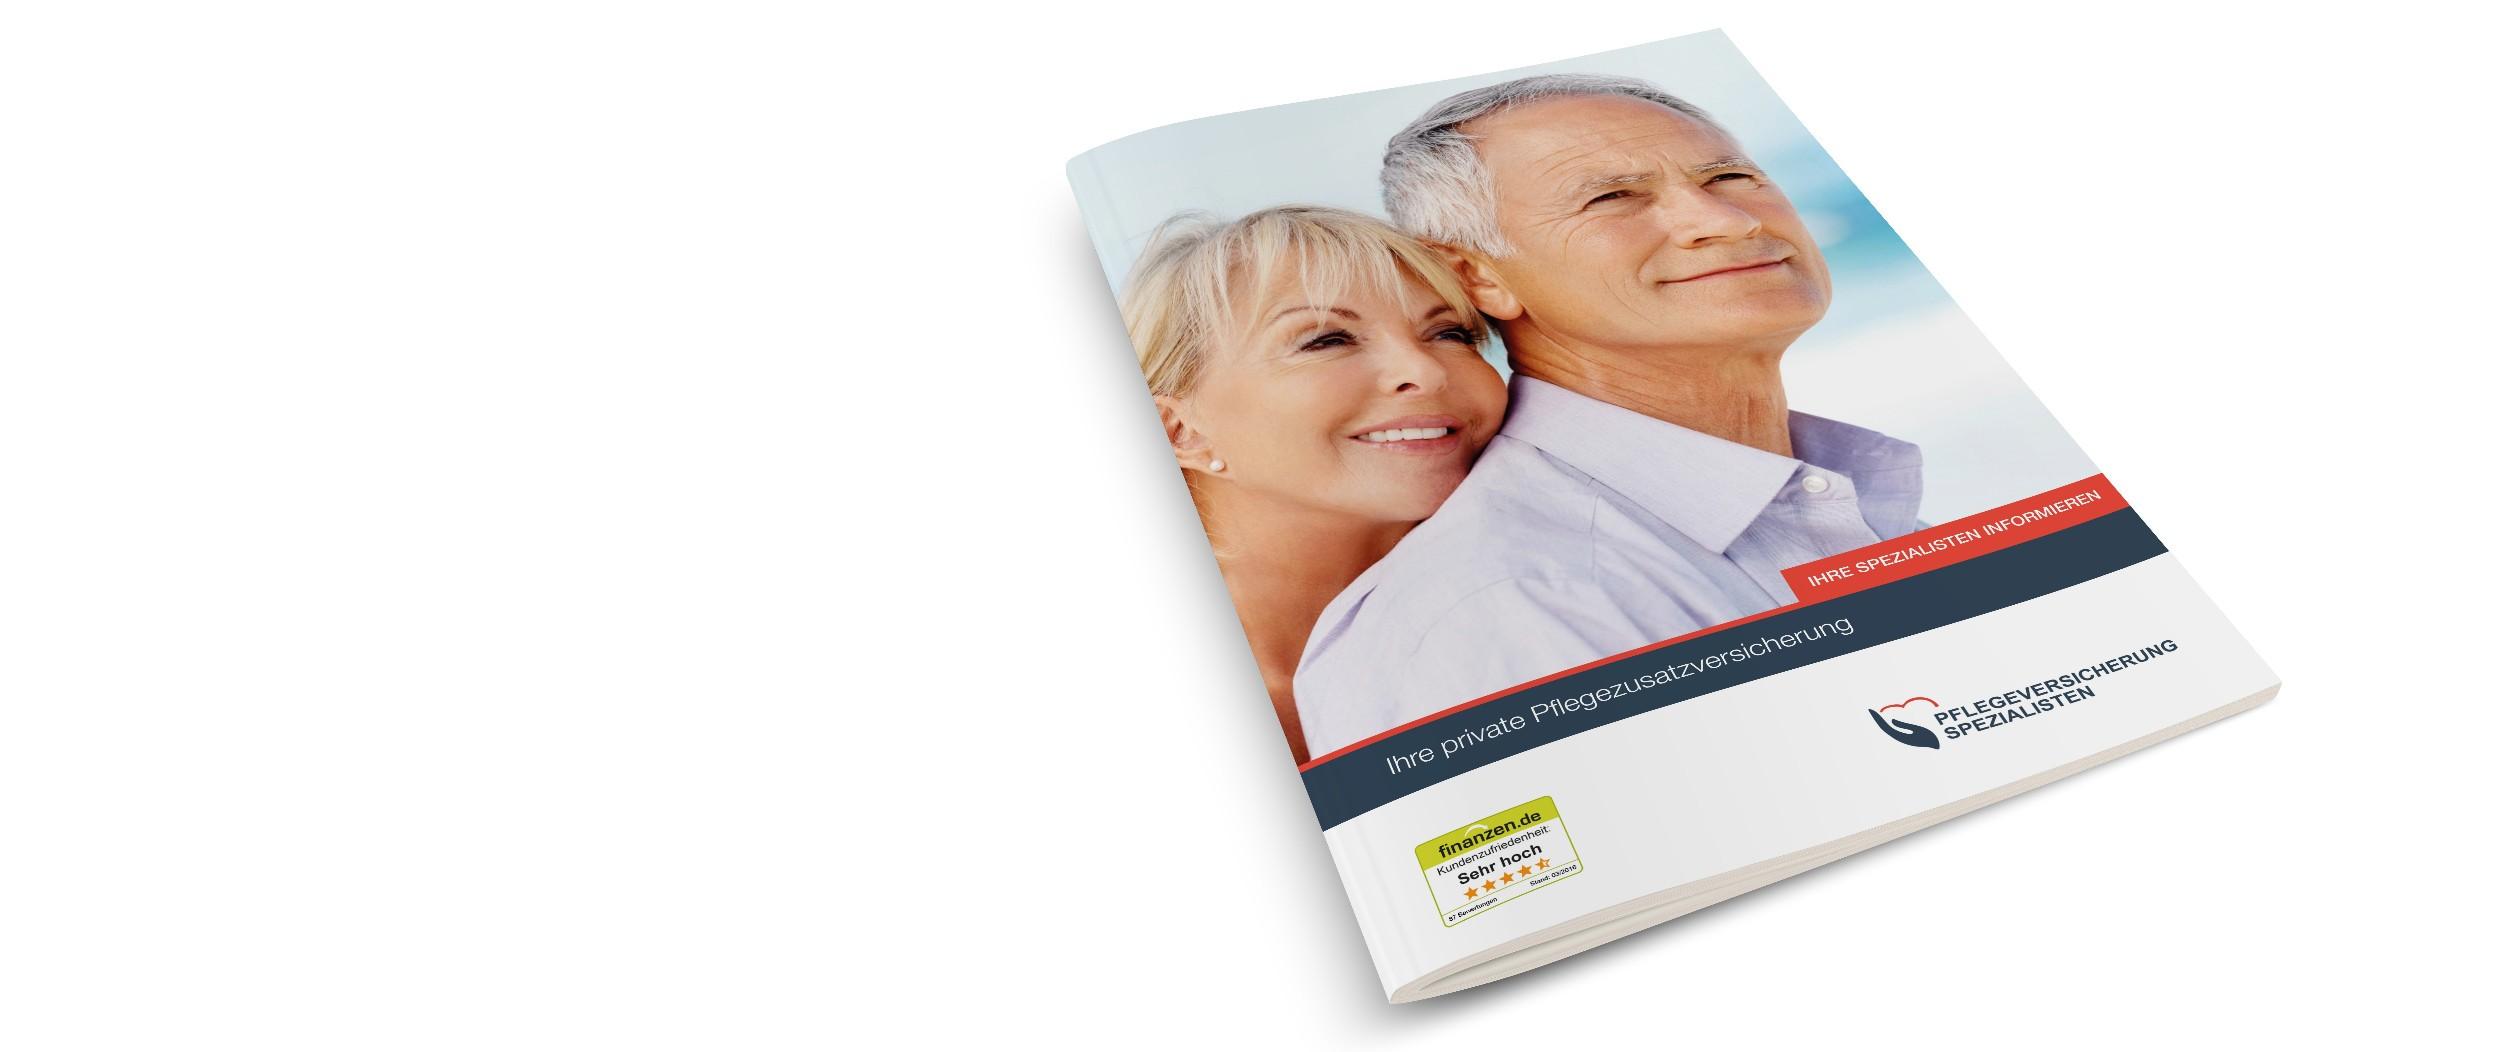 In unserer Broschüre haben wir viele Informationen für Sie zusammengestellt.